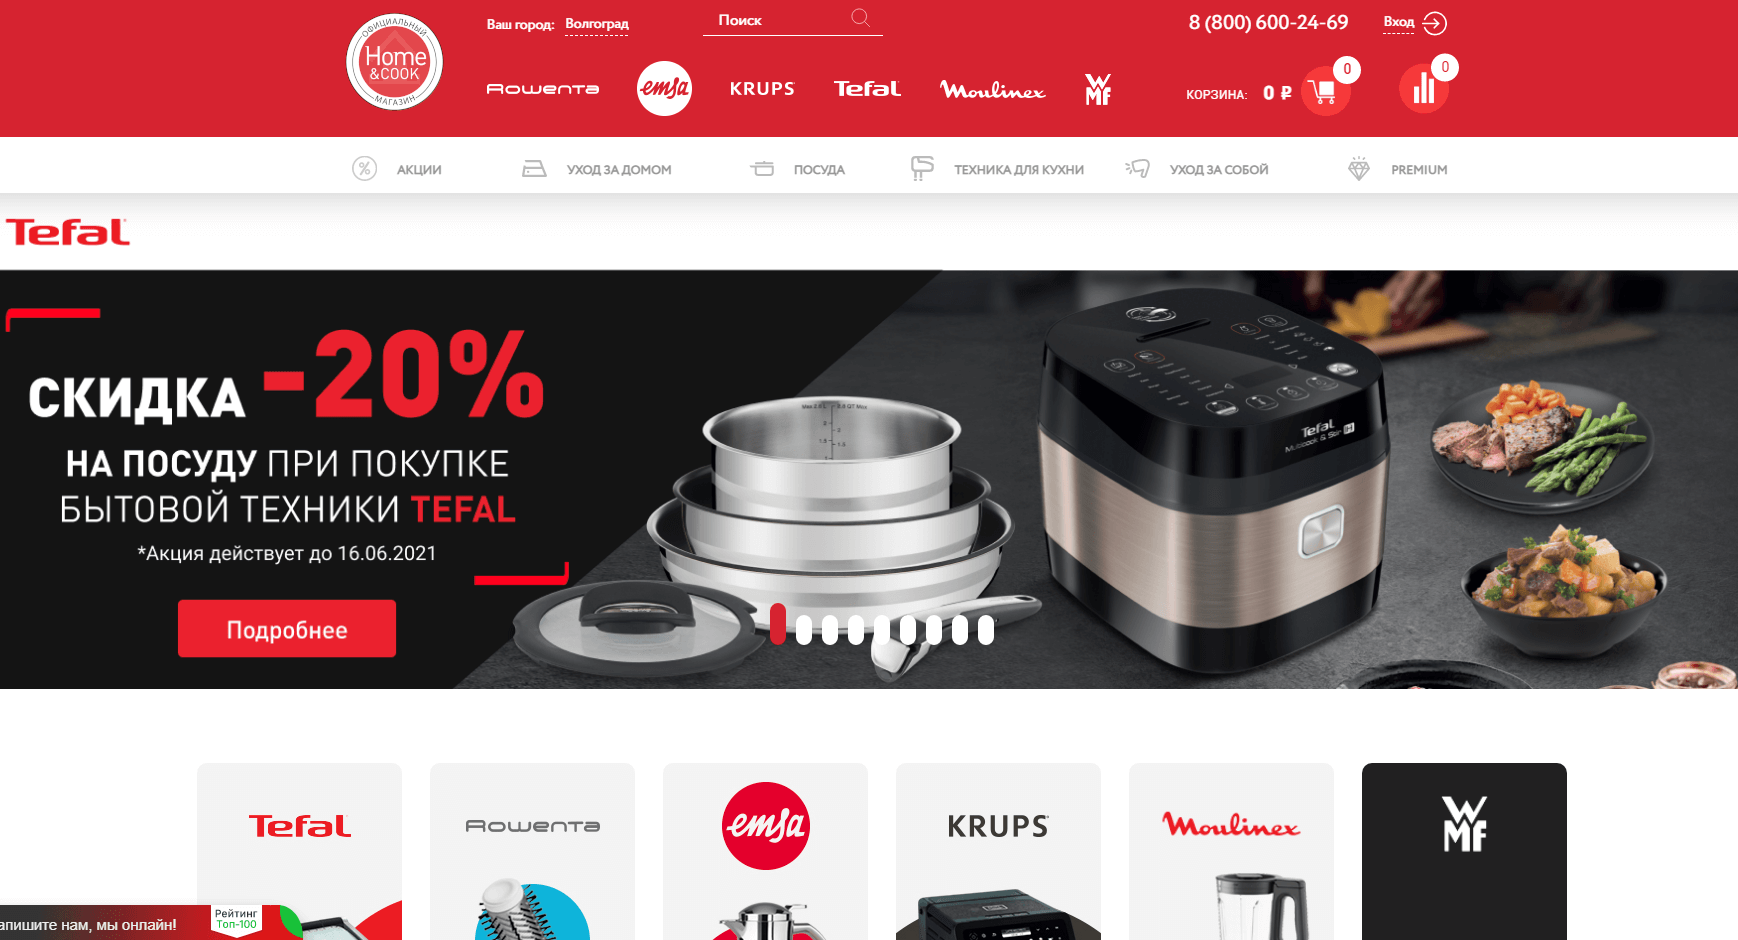 homeandcook.ru website